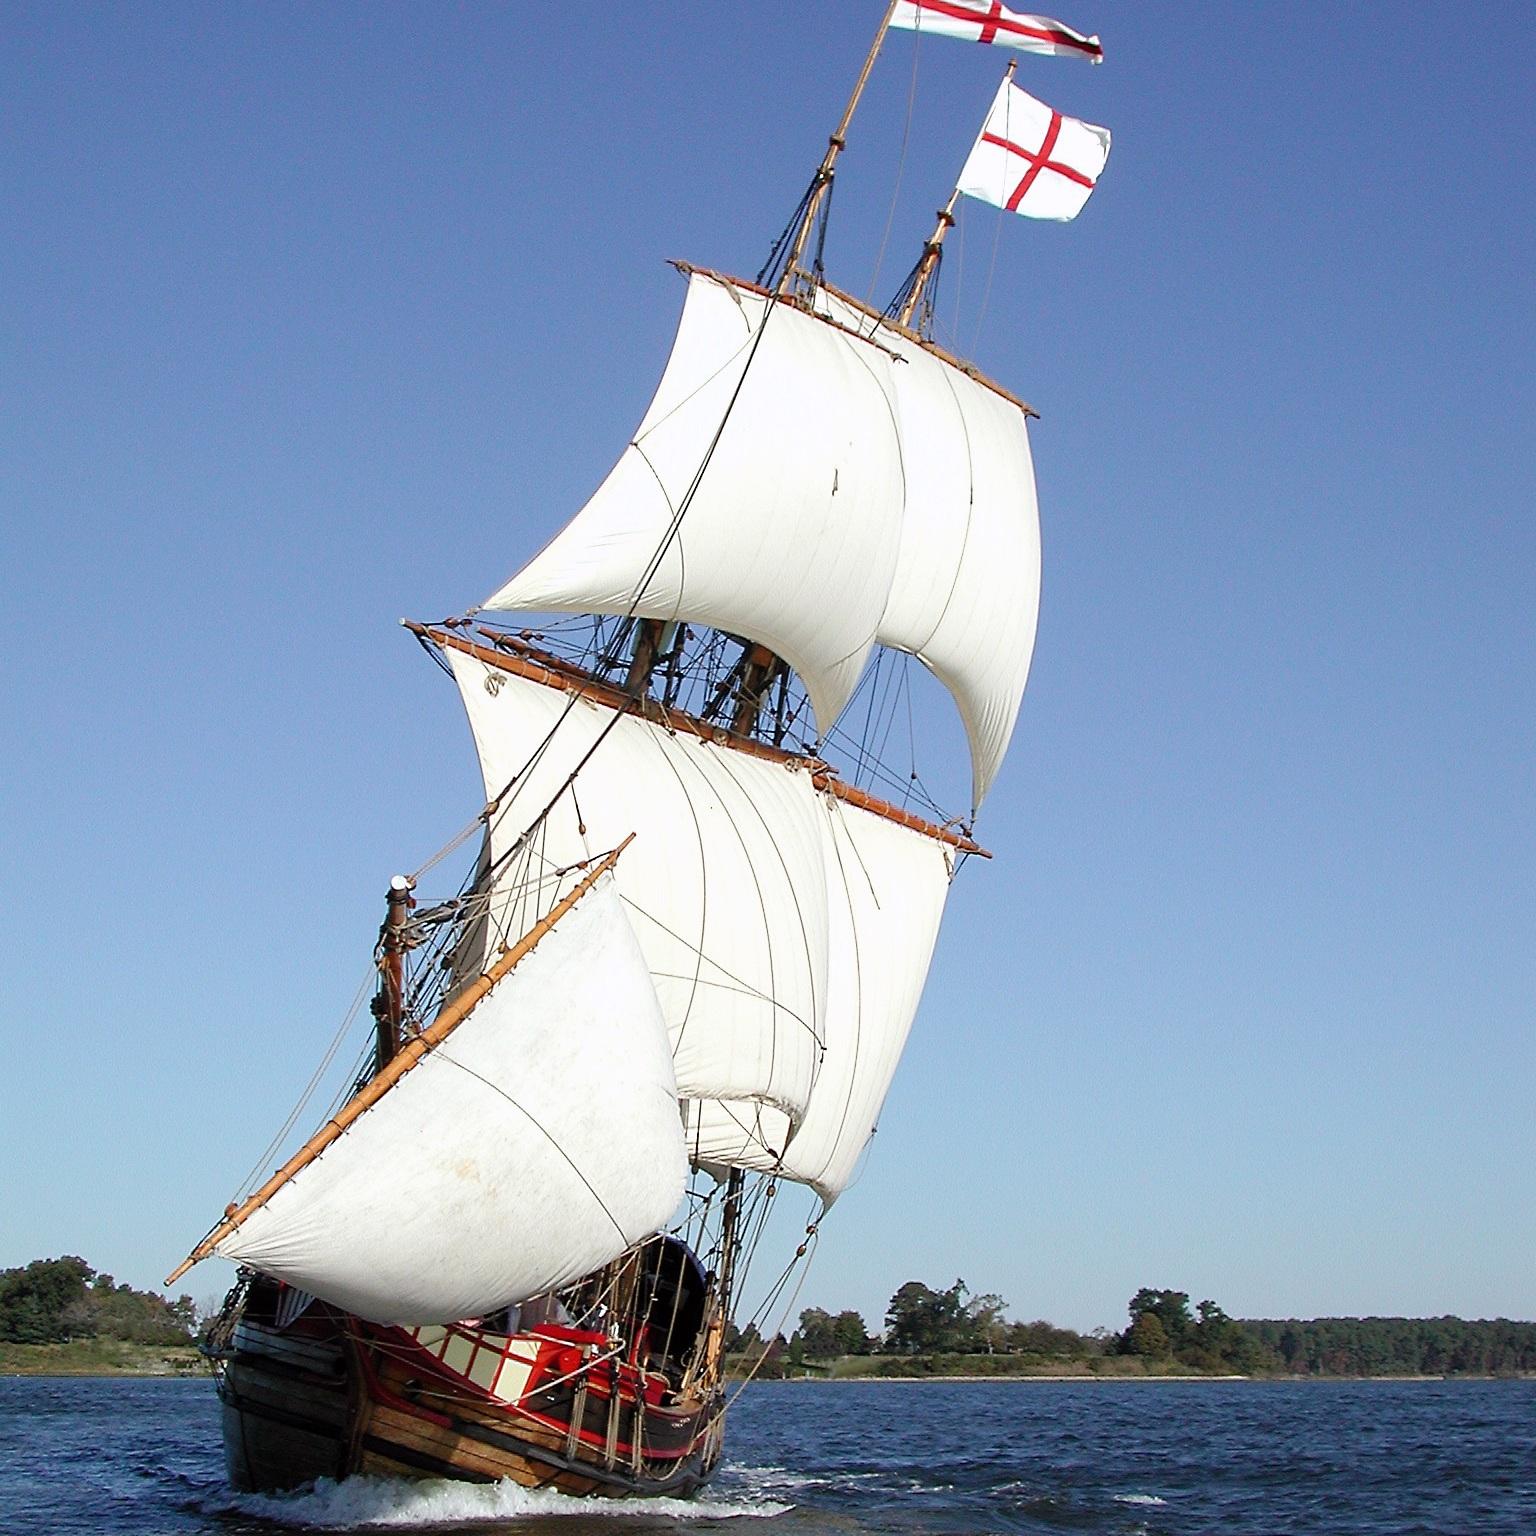 Dove+under+sail.jpg